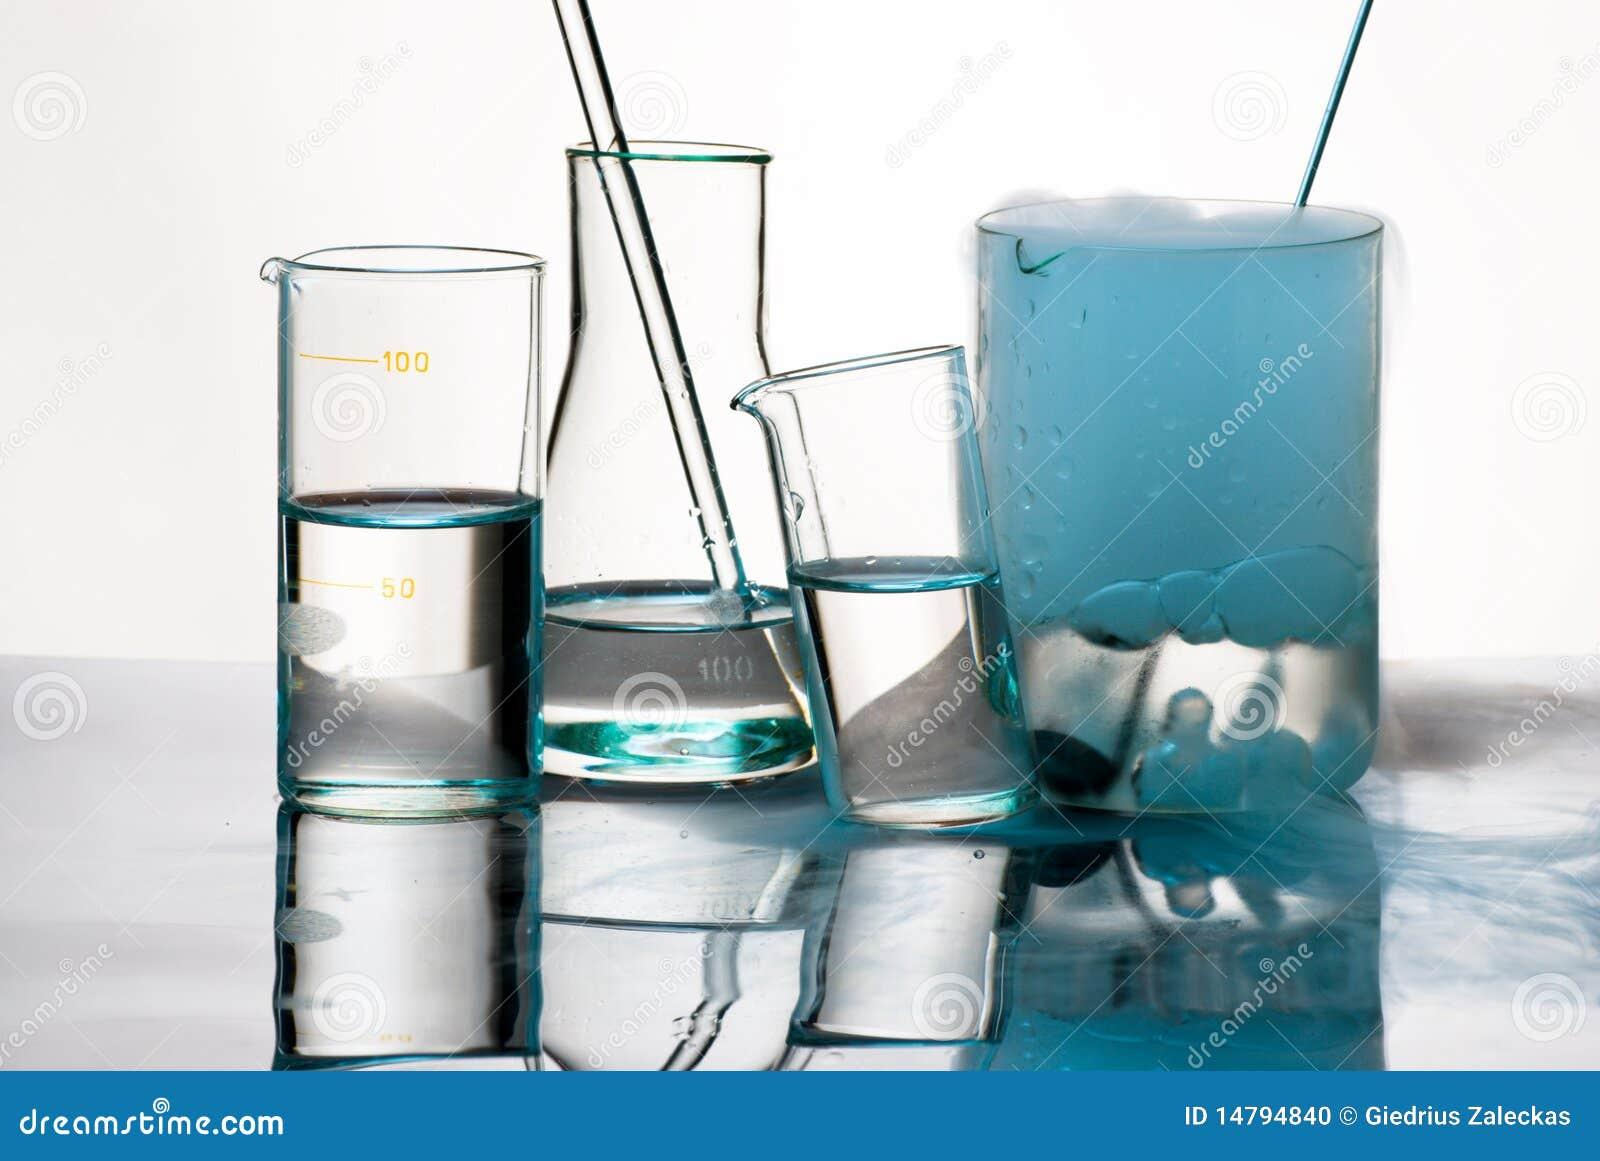 Produtos vidreiros durante a experiência com vapores azuis